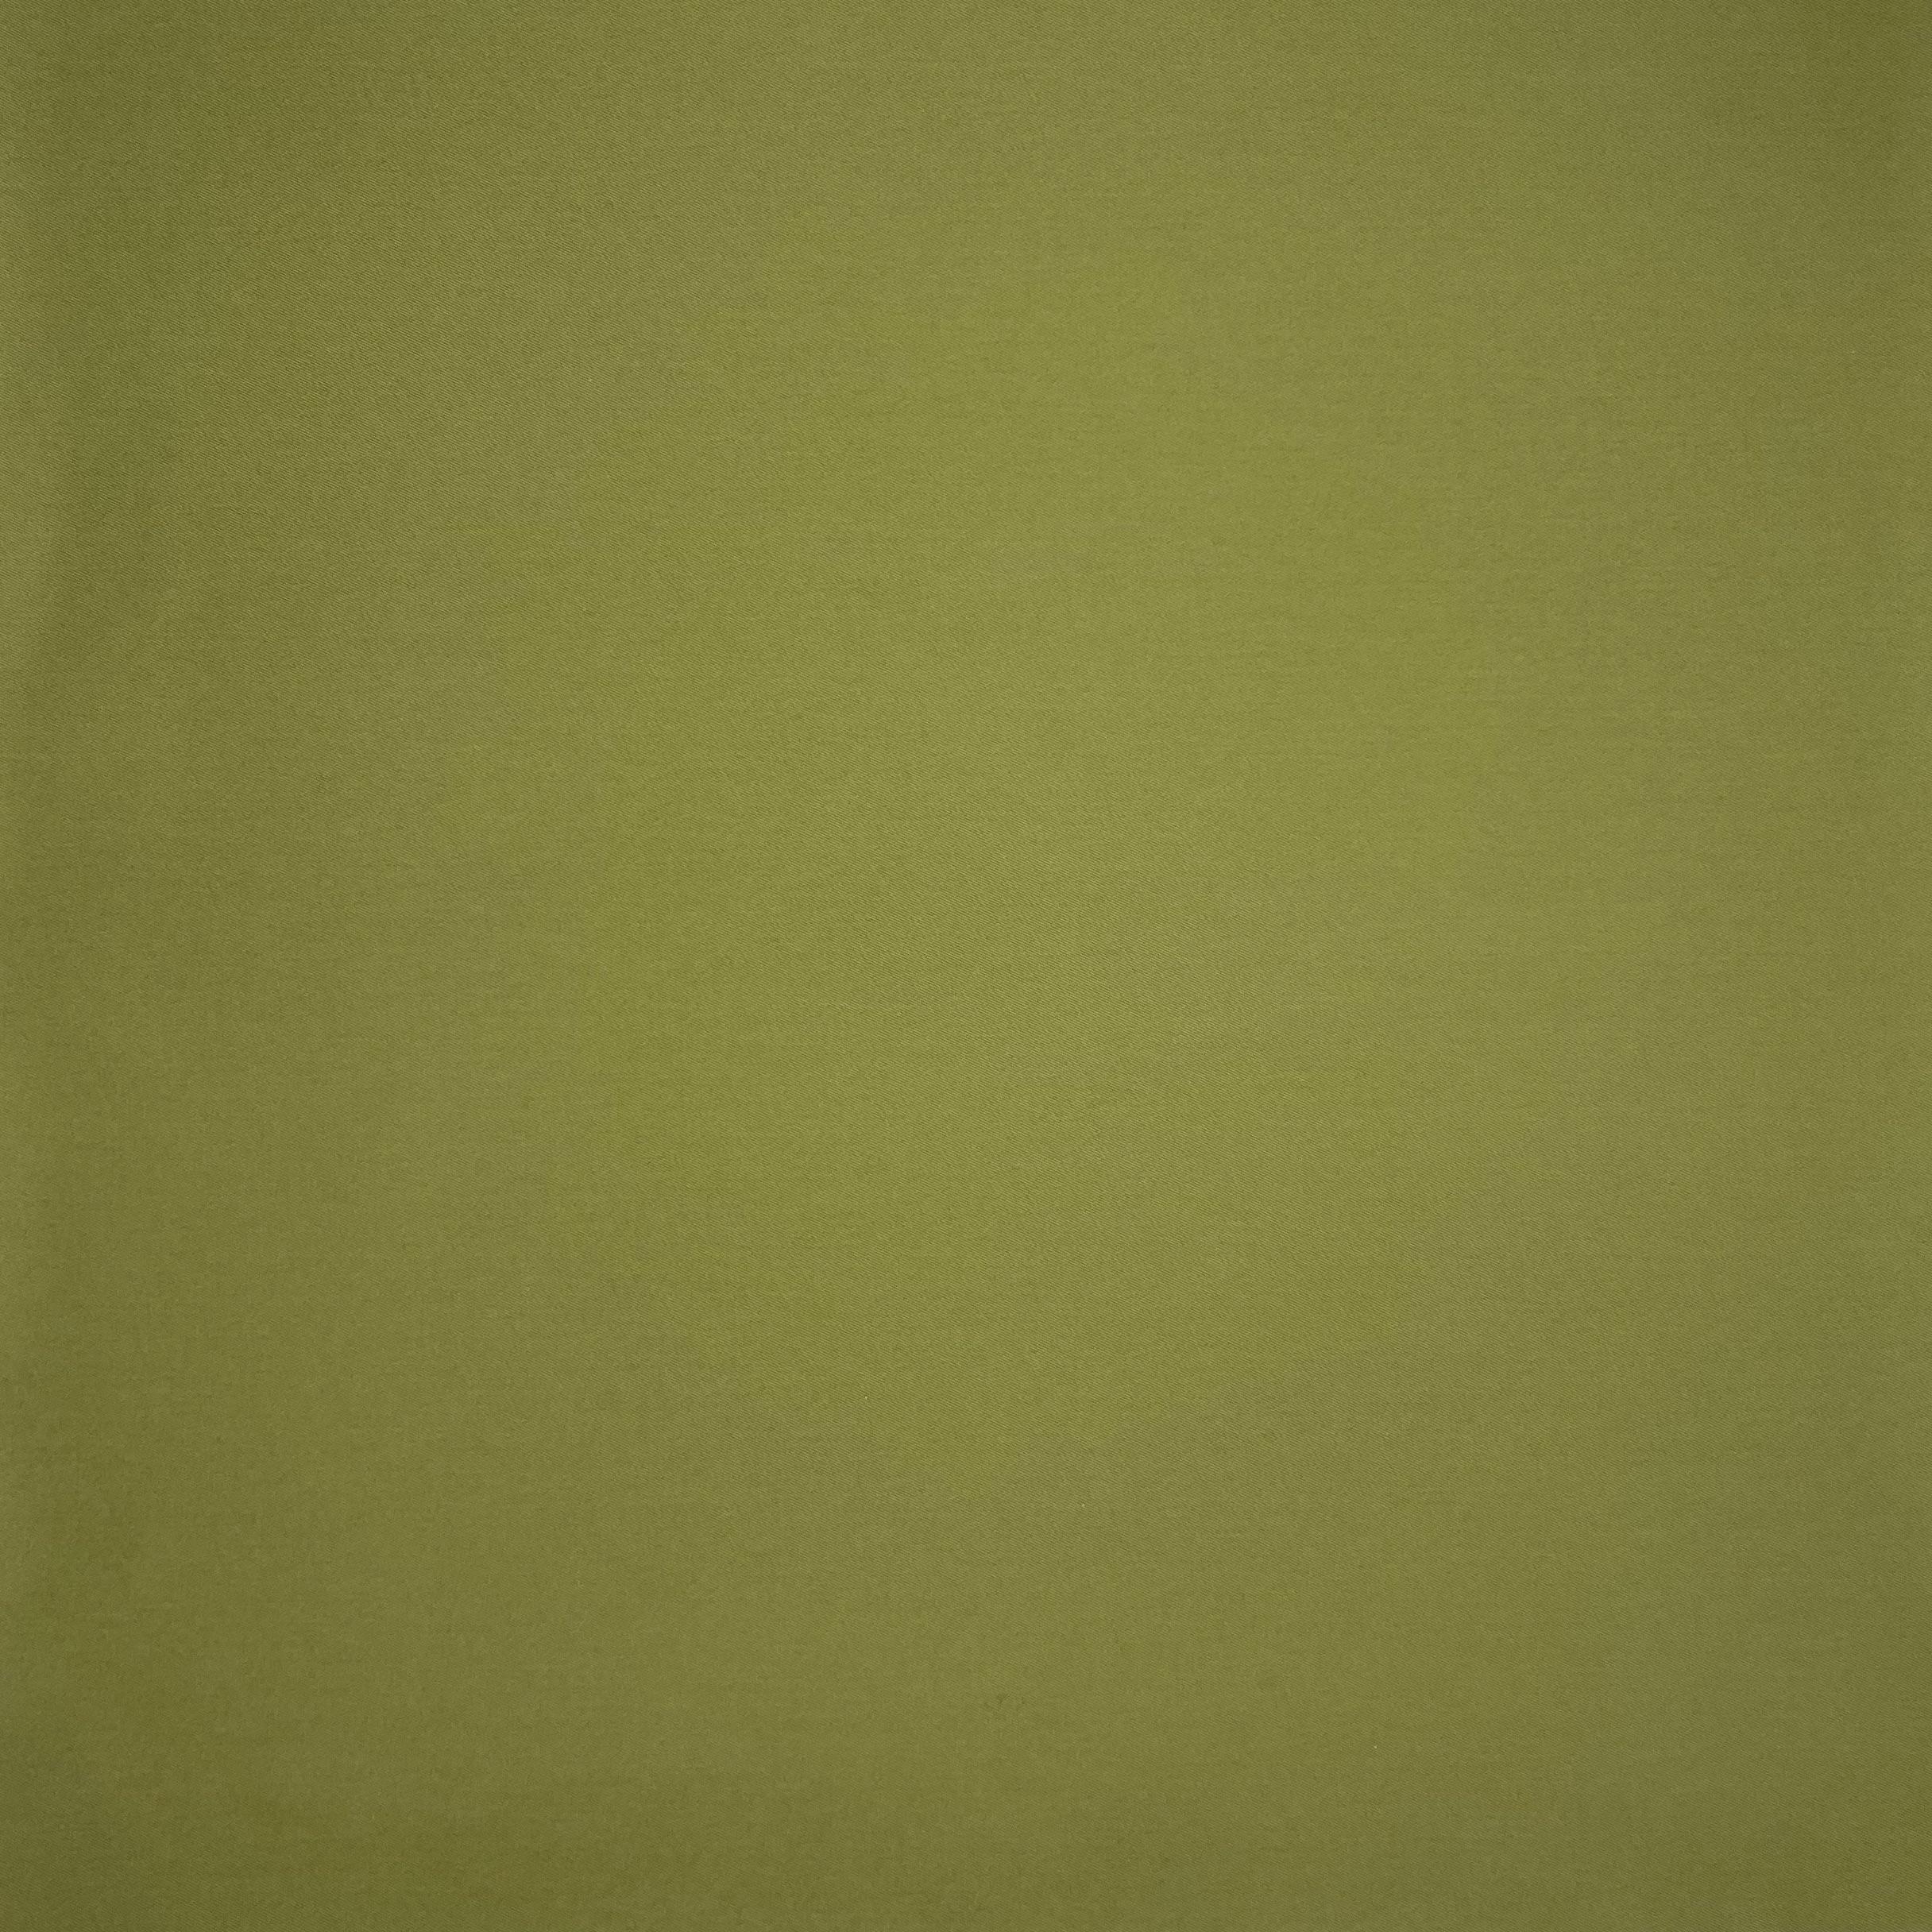 Cotton-Shakespear-Moss-304